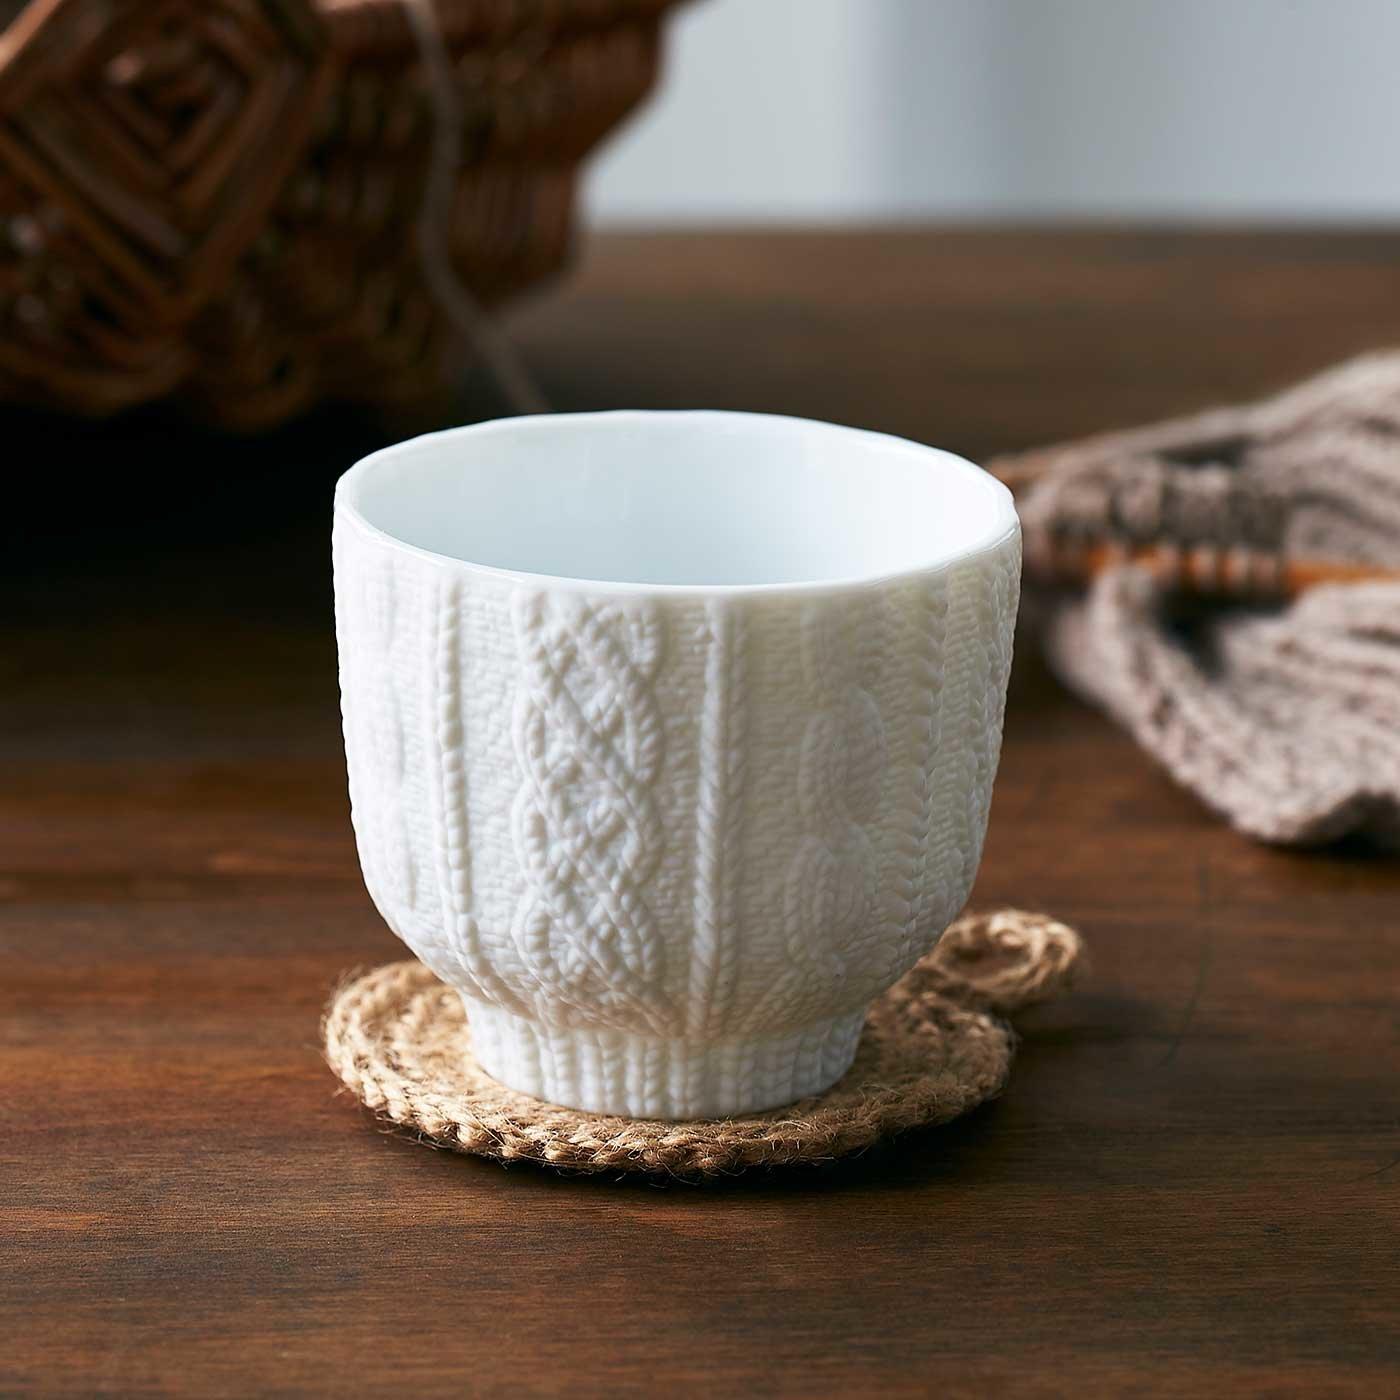 瀬戸生まれ 手編みのセーターみたいなカップ